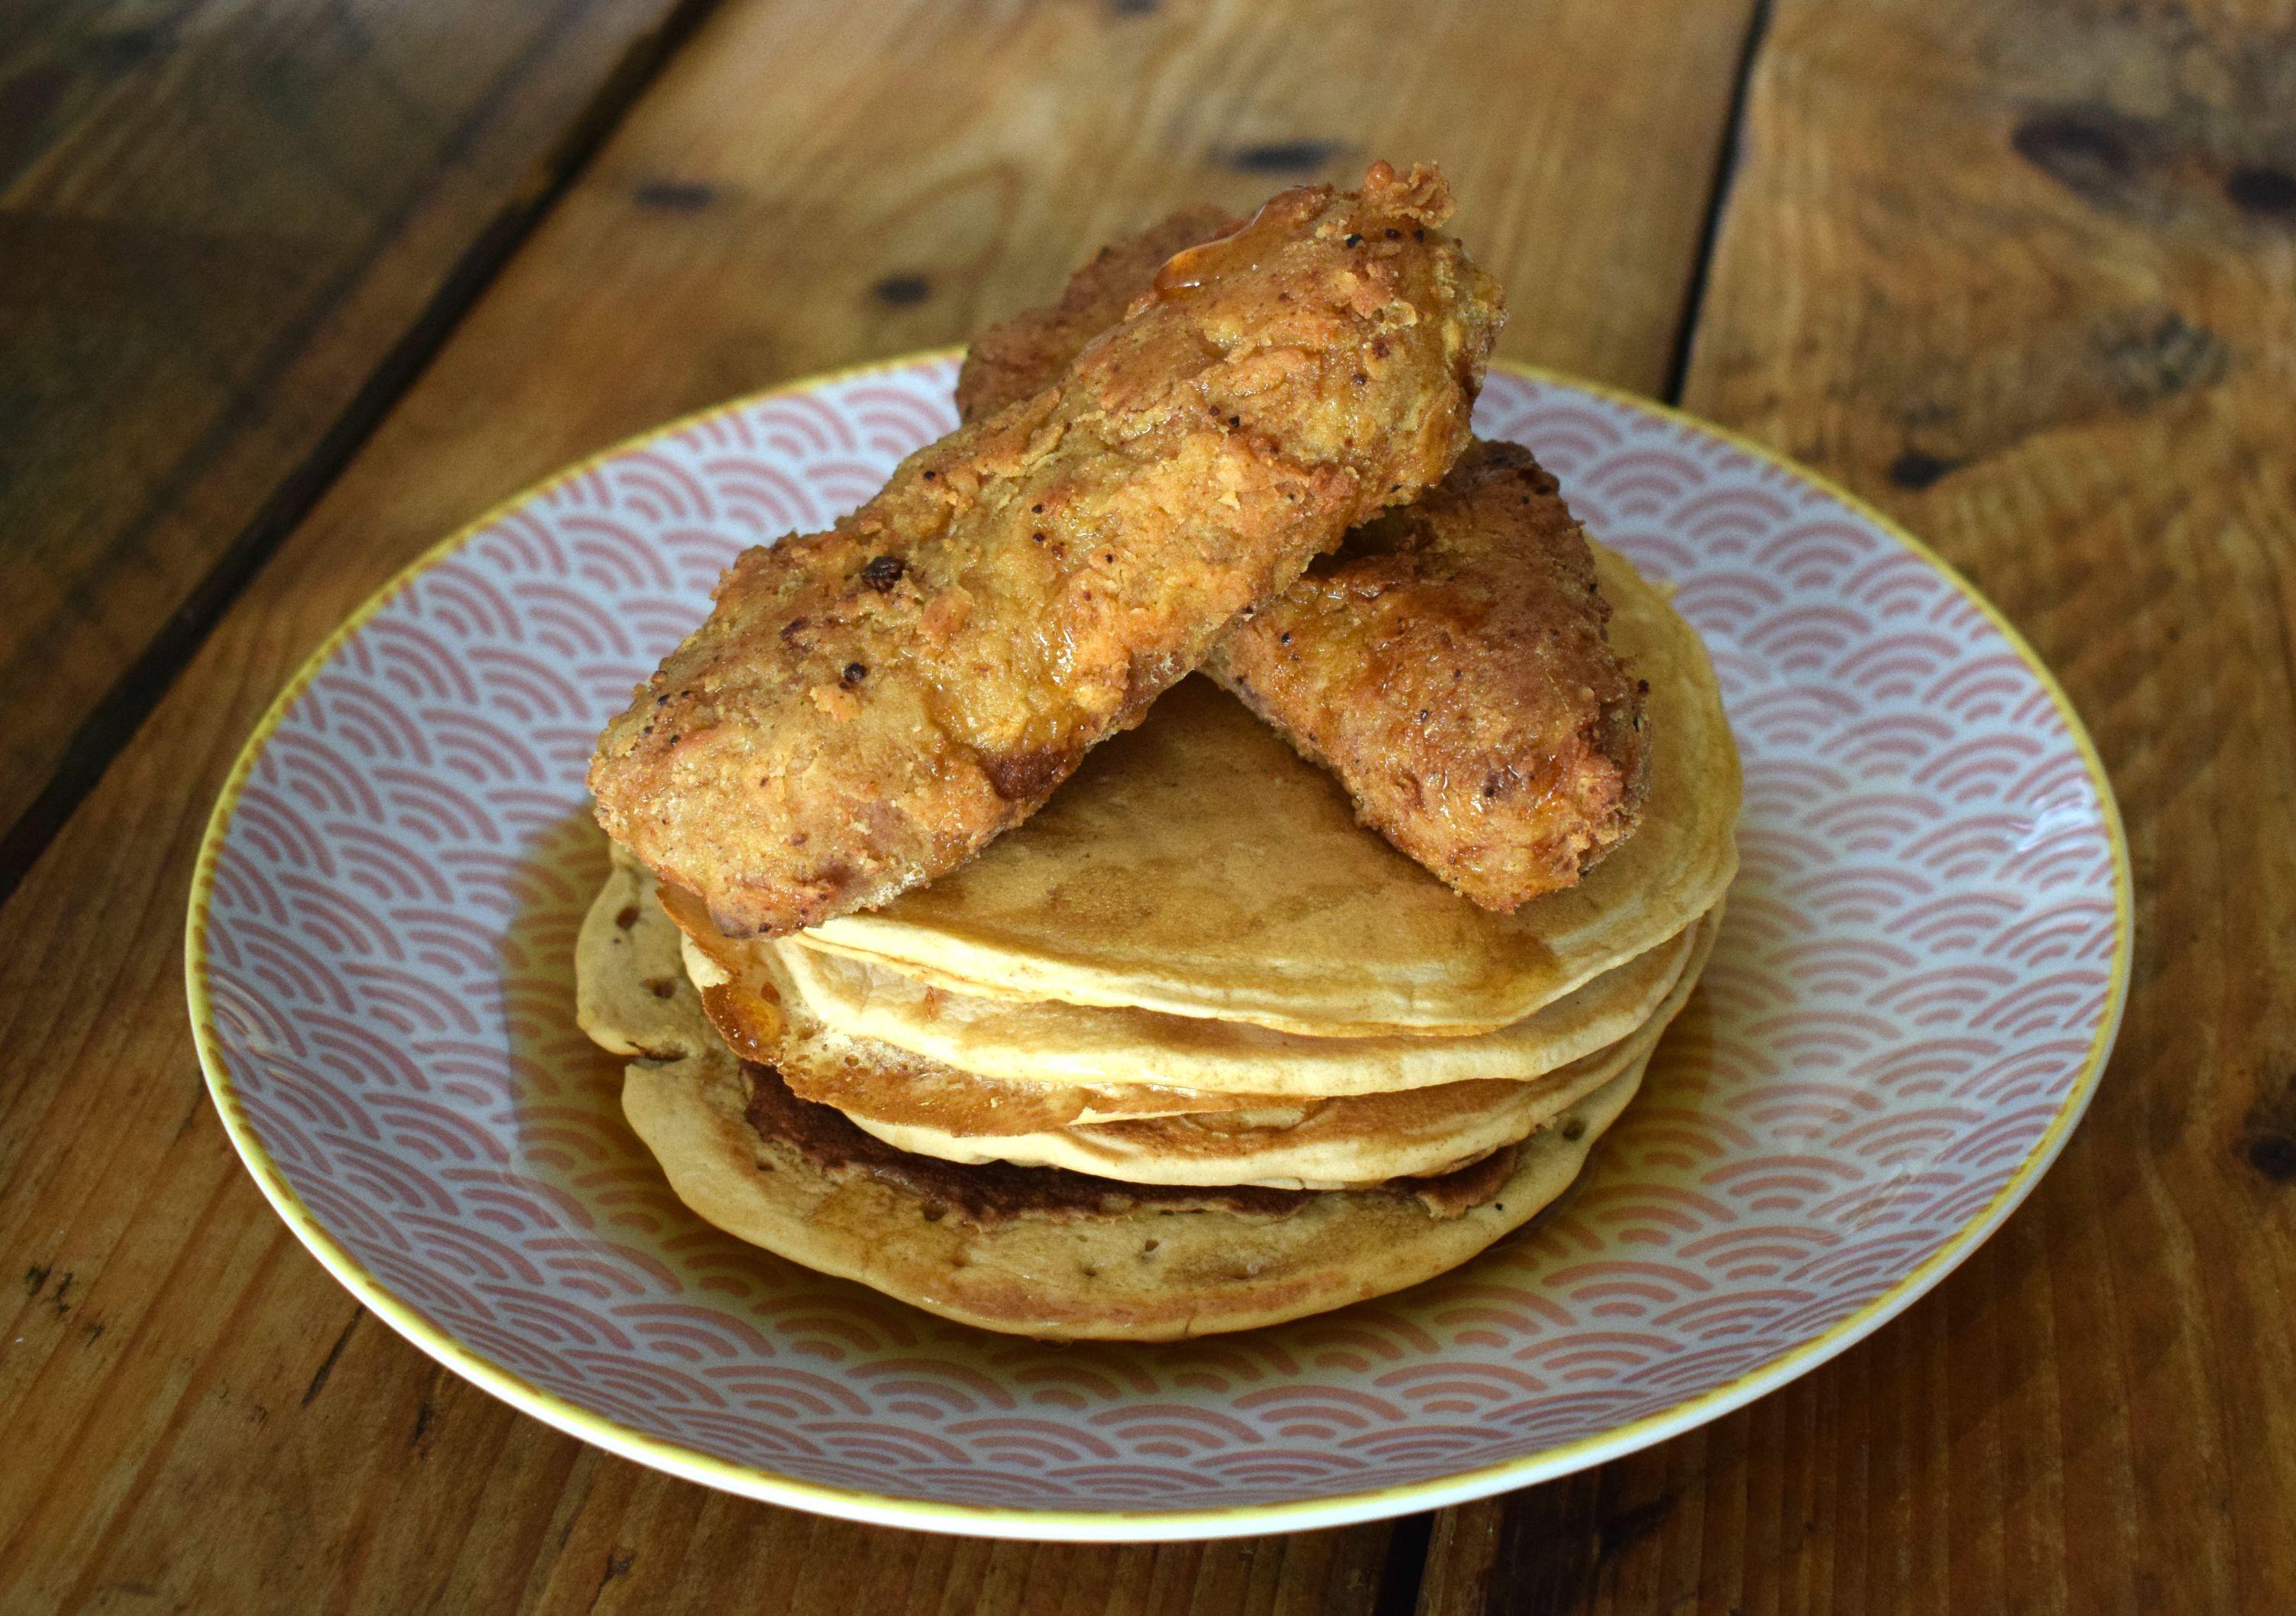 Vegan Fried Chicken And Pancakes Vegan Punks Vegan Fried Chicken Fried Chicken Best Vegan Recipes